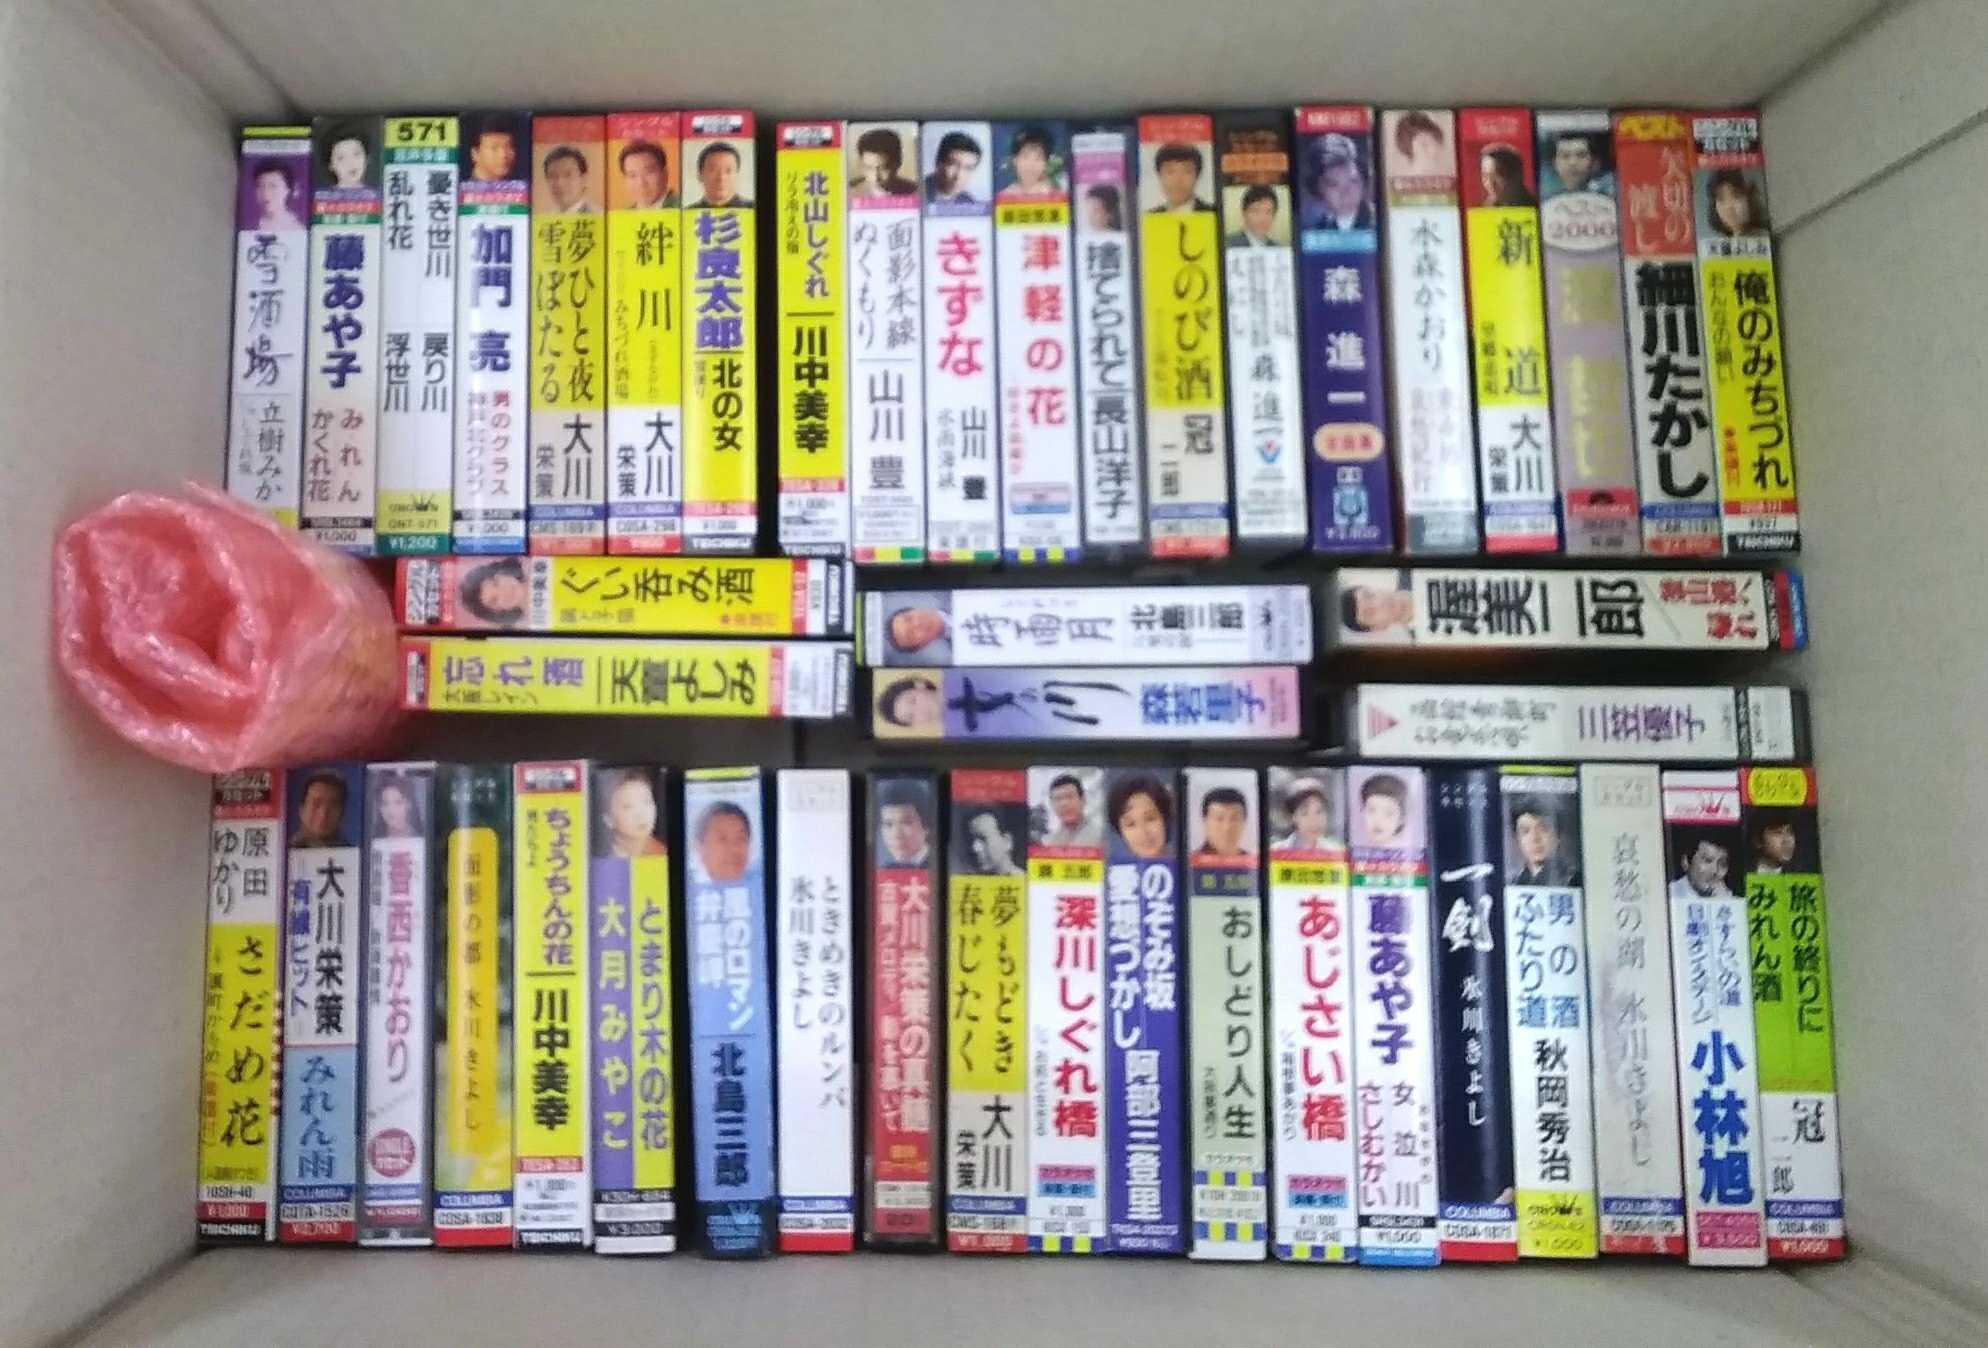 カセットテープソフト 色々